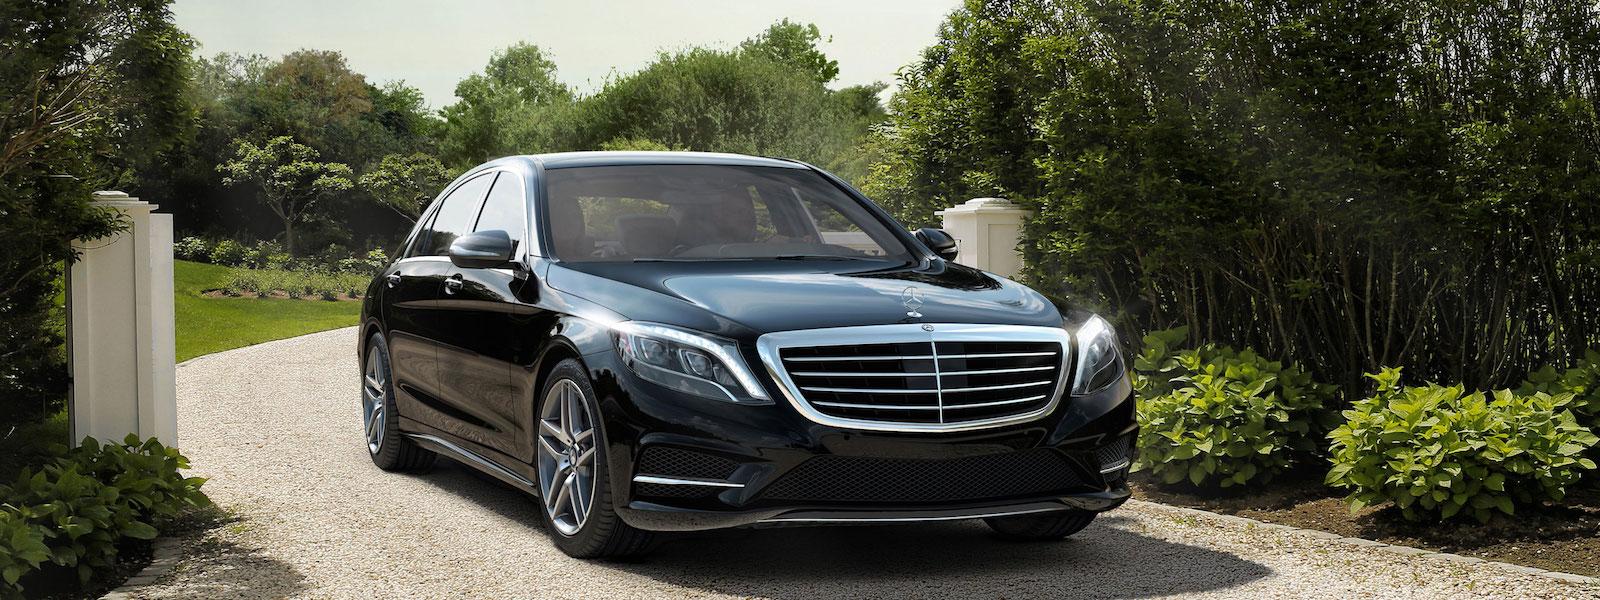 2016 Mercedes S-Class Design